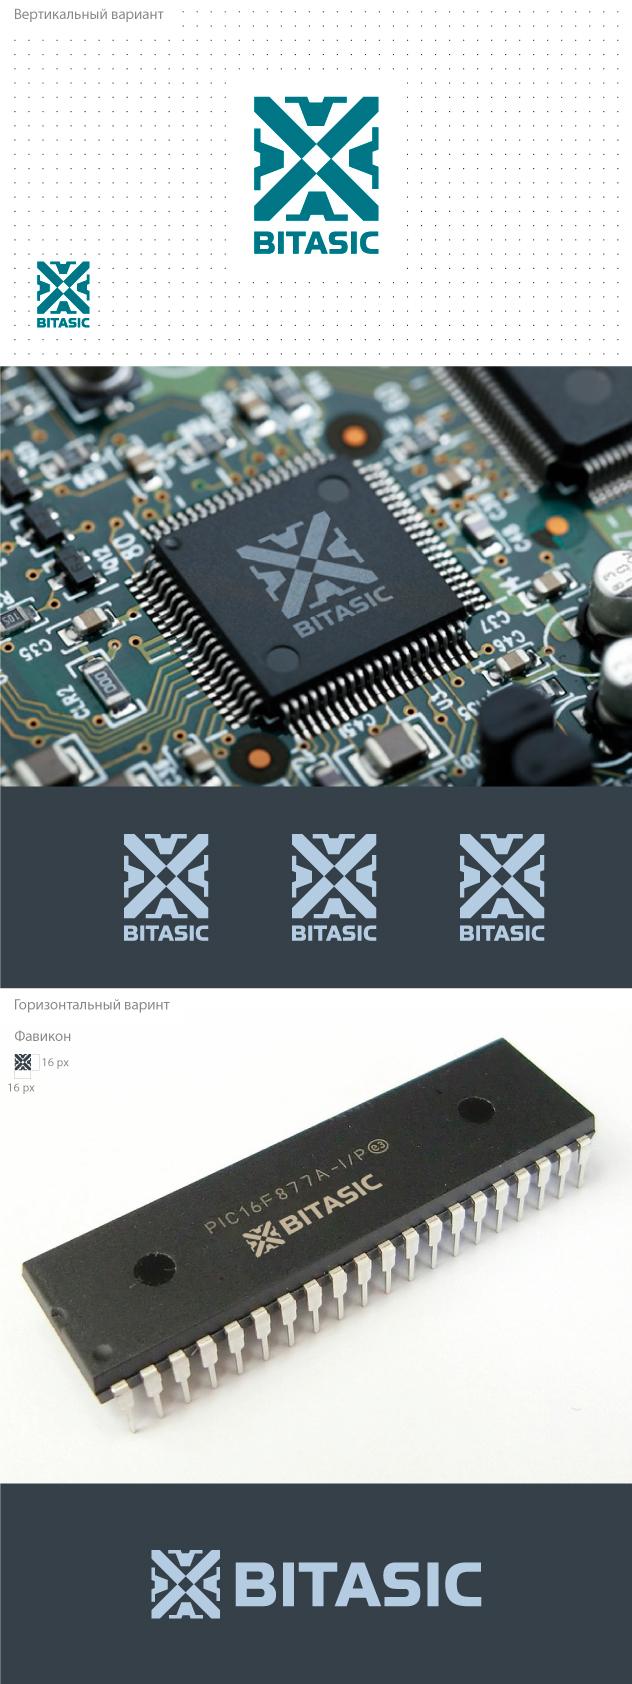 Дизайнер в сфере IT-технологий фото f_6045b4a3ffecdf6d.jpg